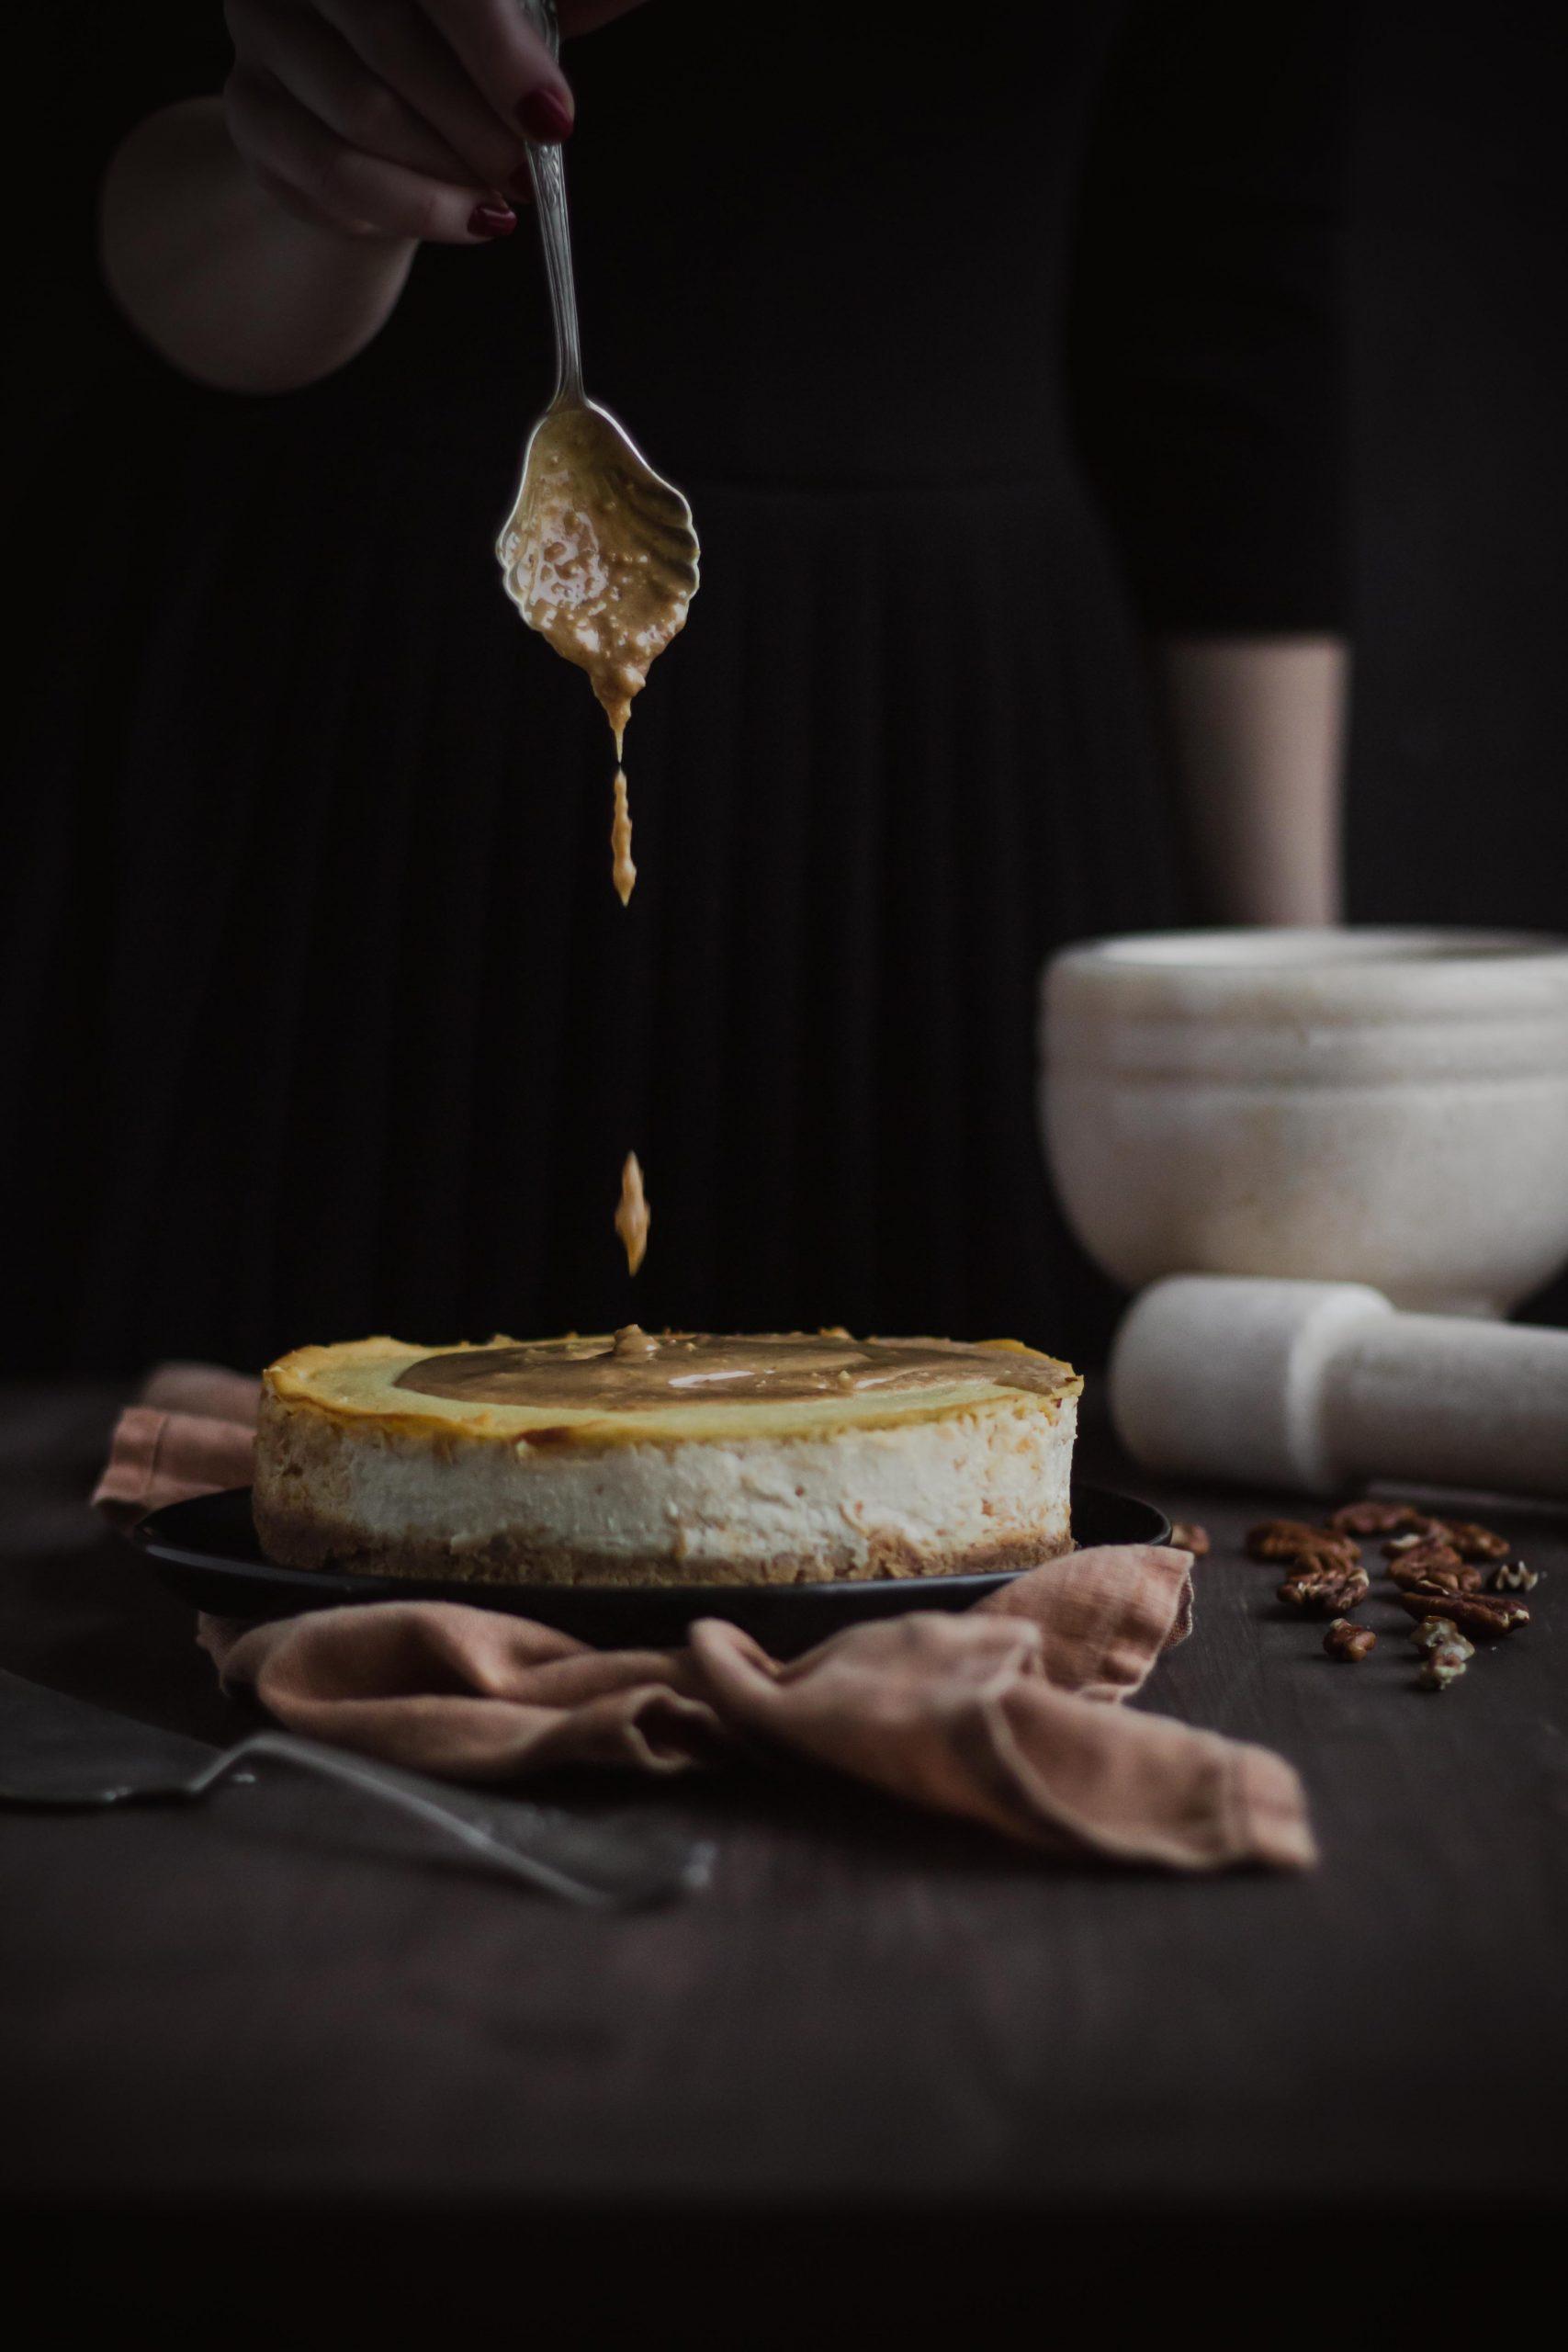 Keptas marcipaninis tofu sūrio tortas su riešutų karamele ir pekaninių karijų bei marcipano trupiniais